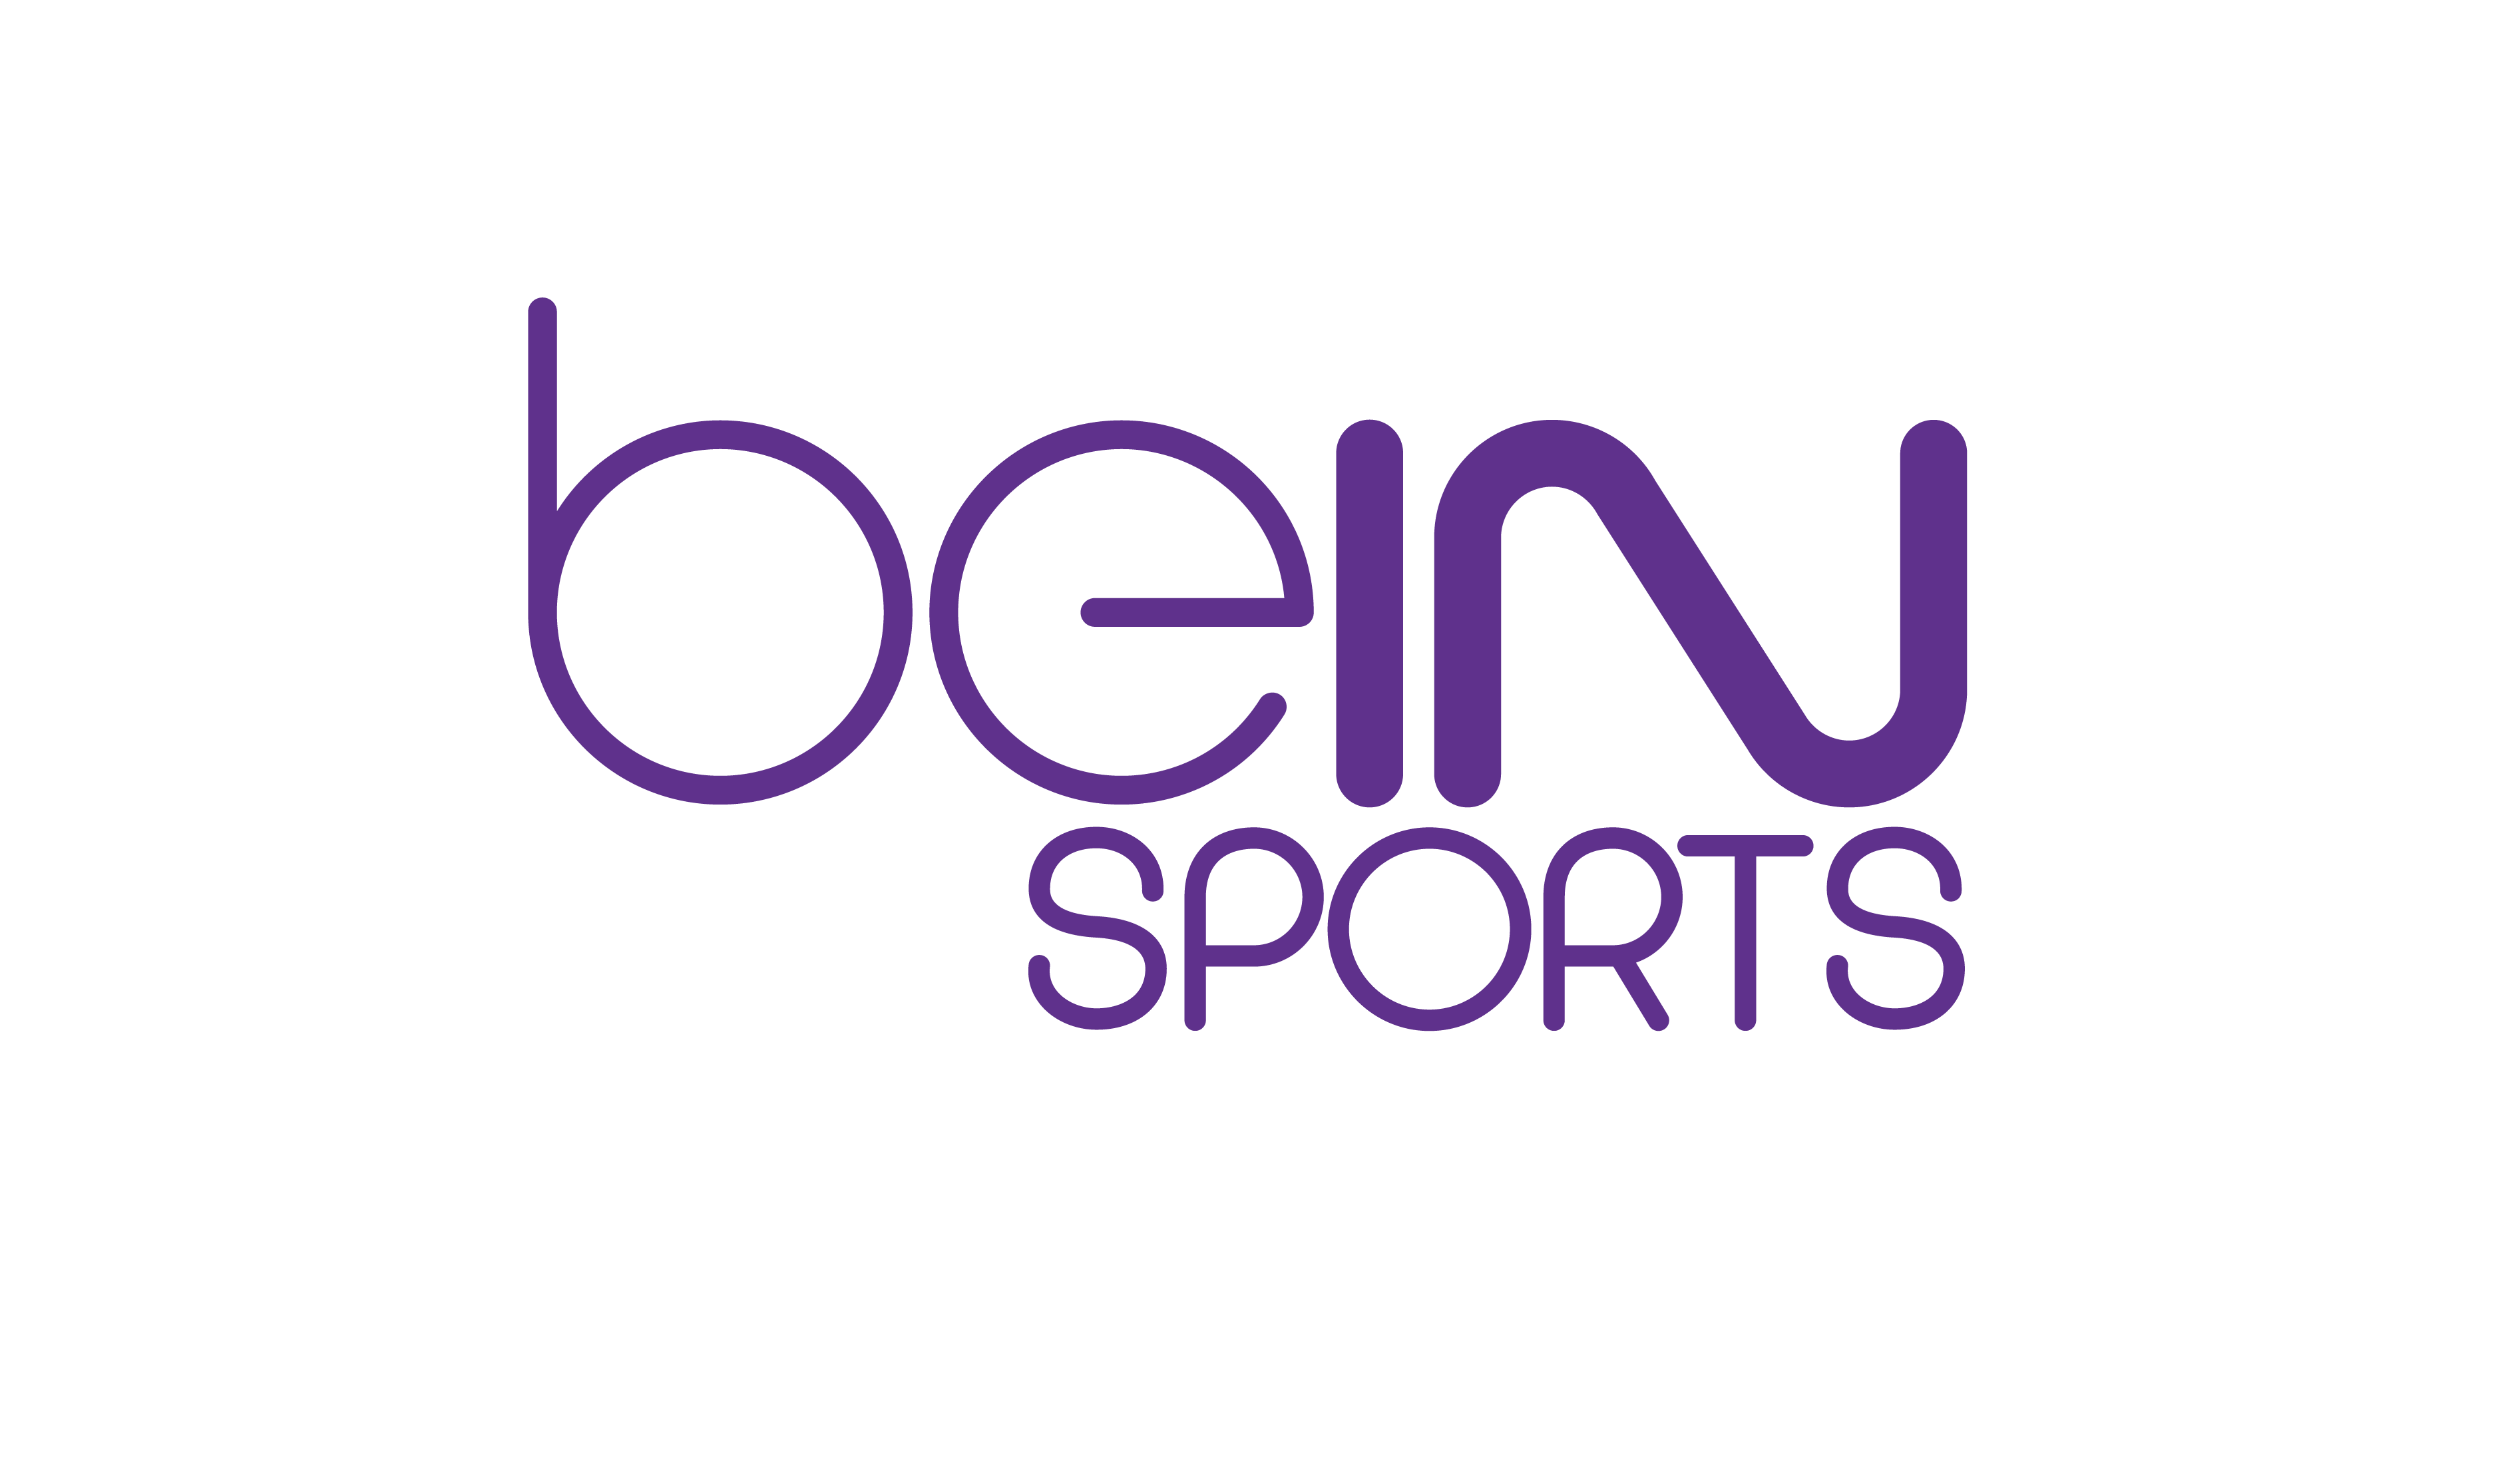 تردد قناة bein sports المفتوحة الناقلة لمباراة الأهلي والدحيل كأس العالم للأندية